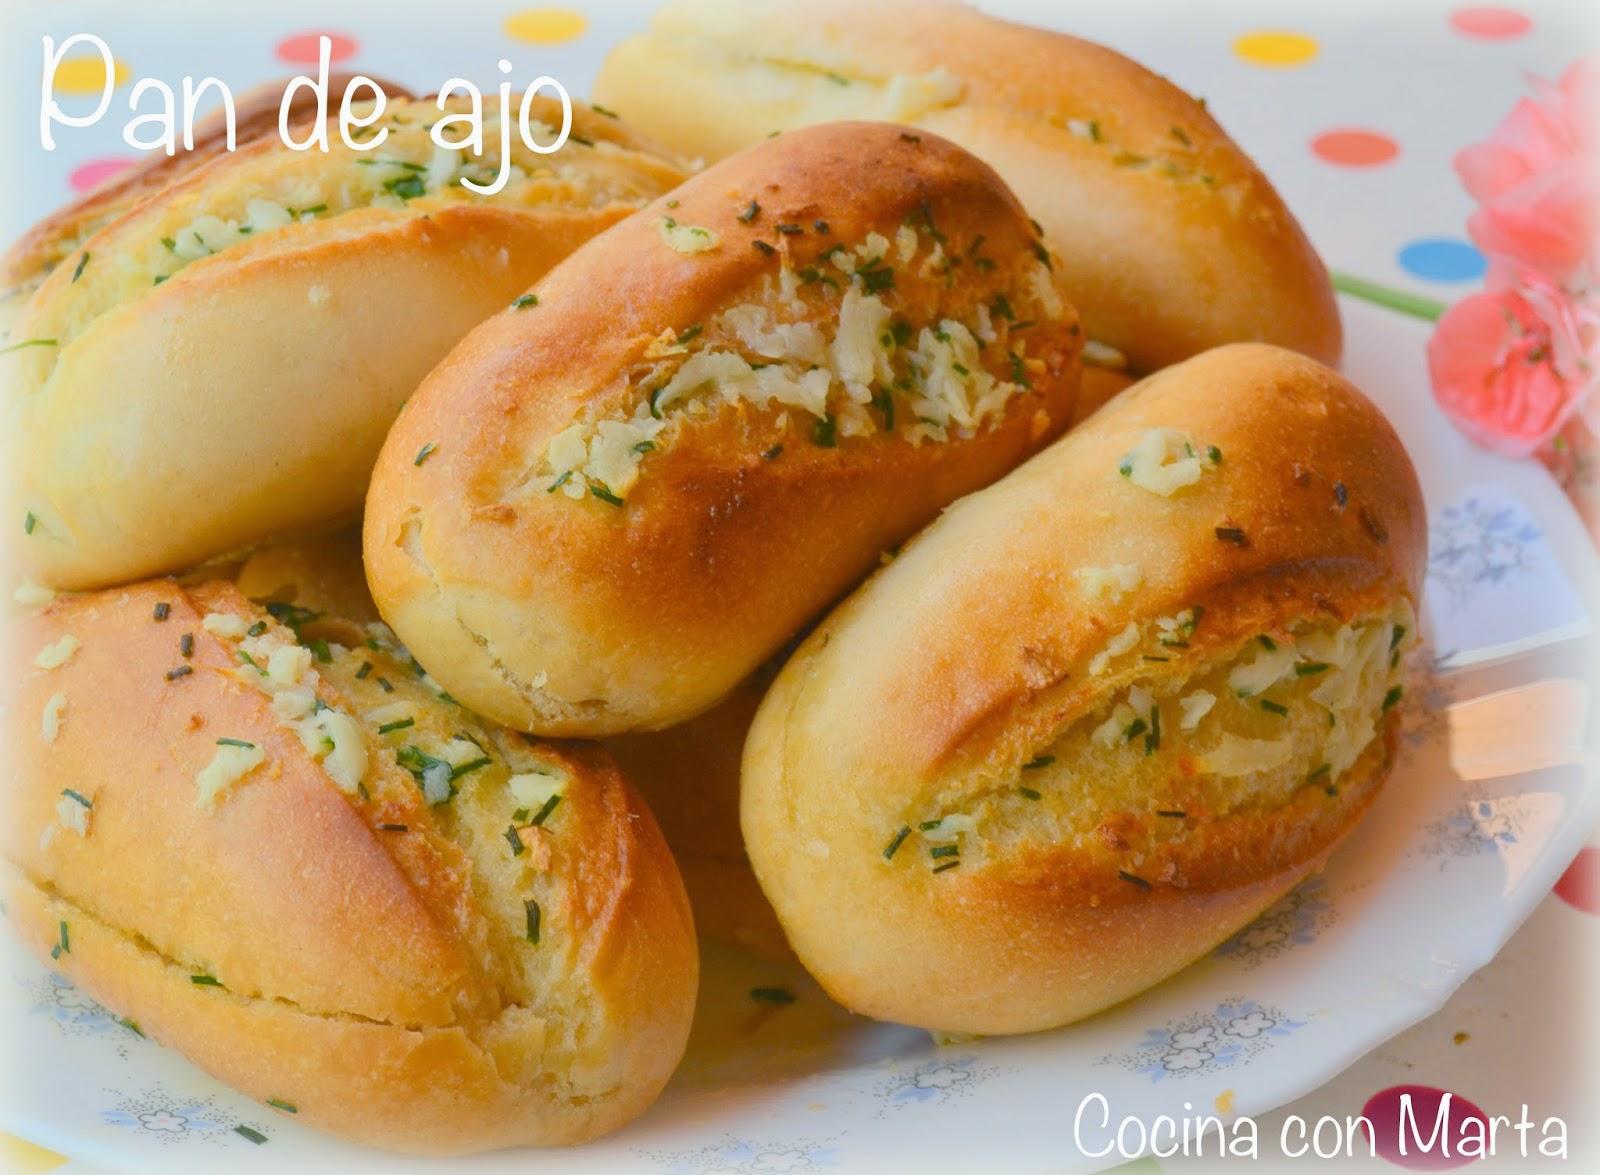 Receta de pan de ajo casera. Fácil, rápida y sencilla.